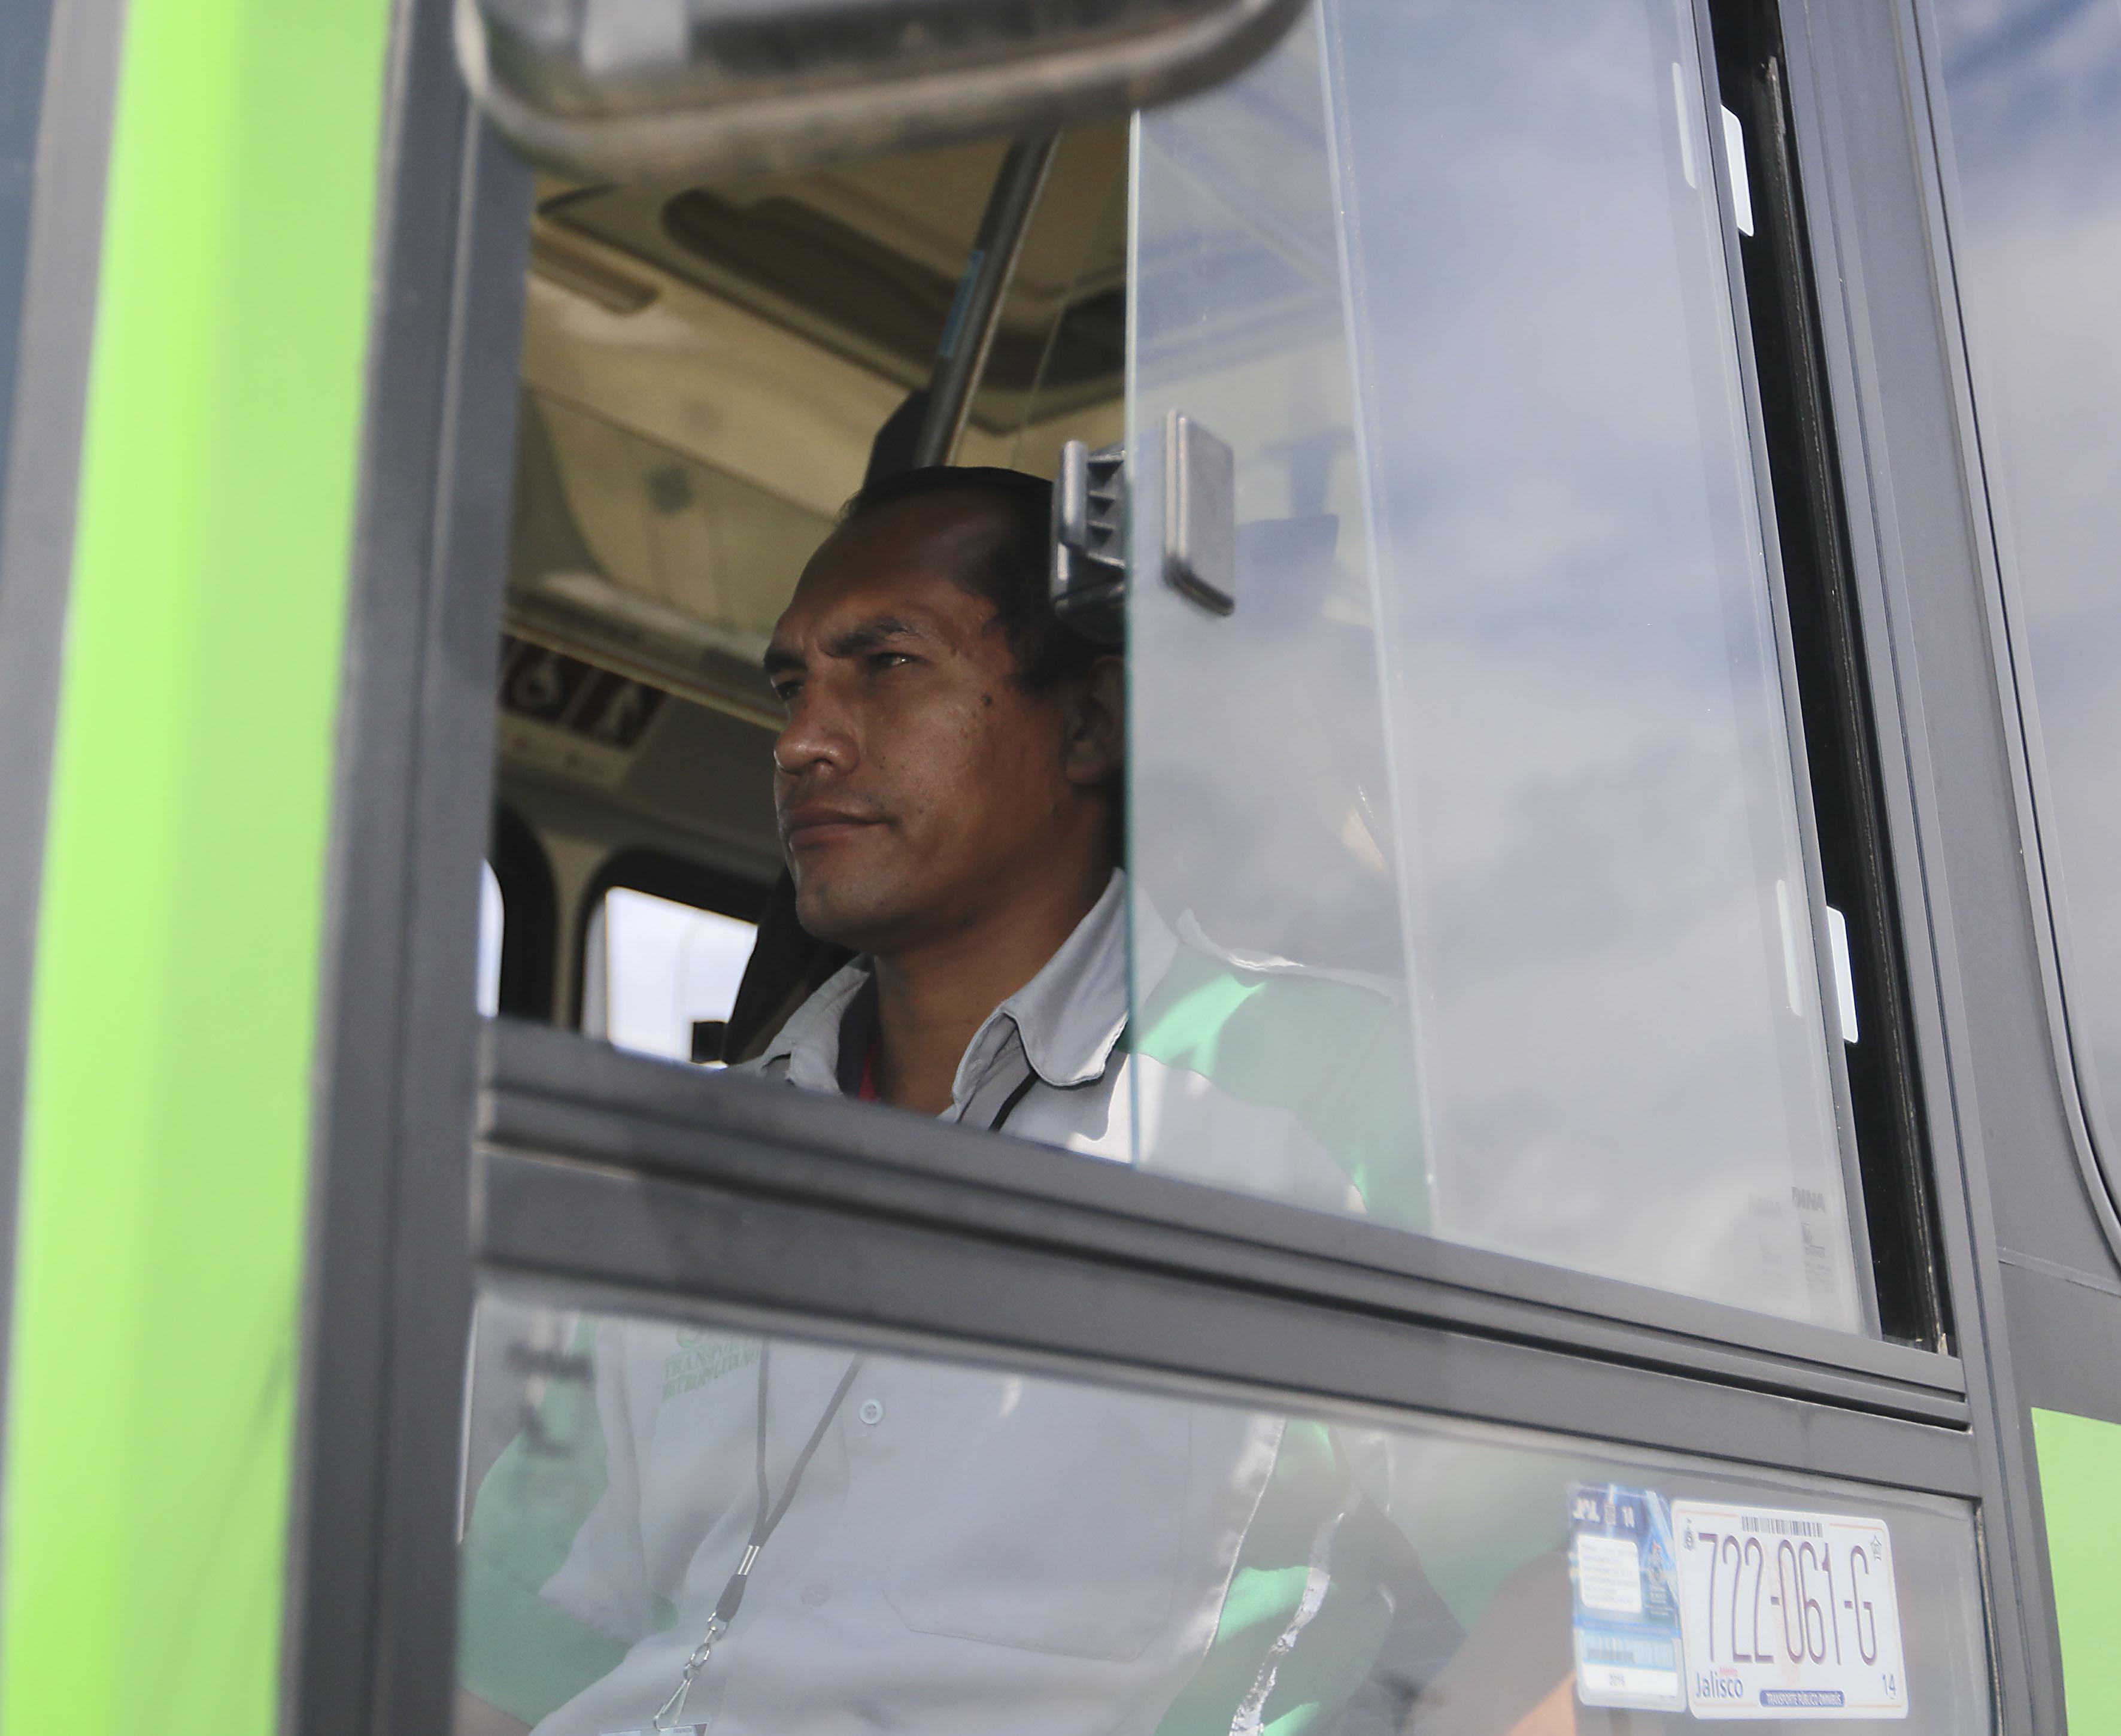 Chofer conduciendo unidad de la ruta 368